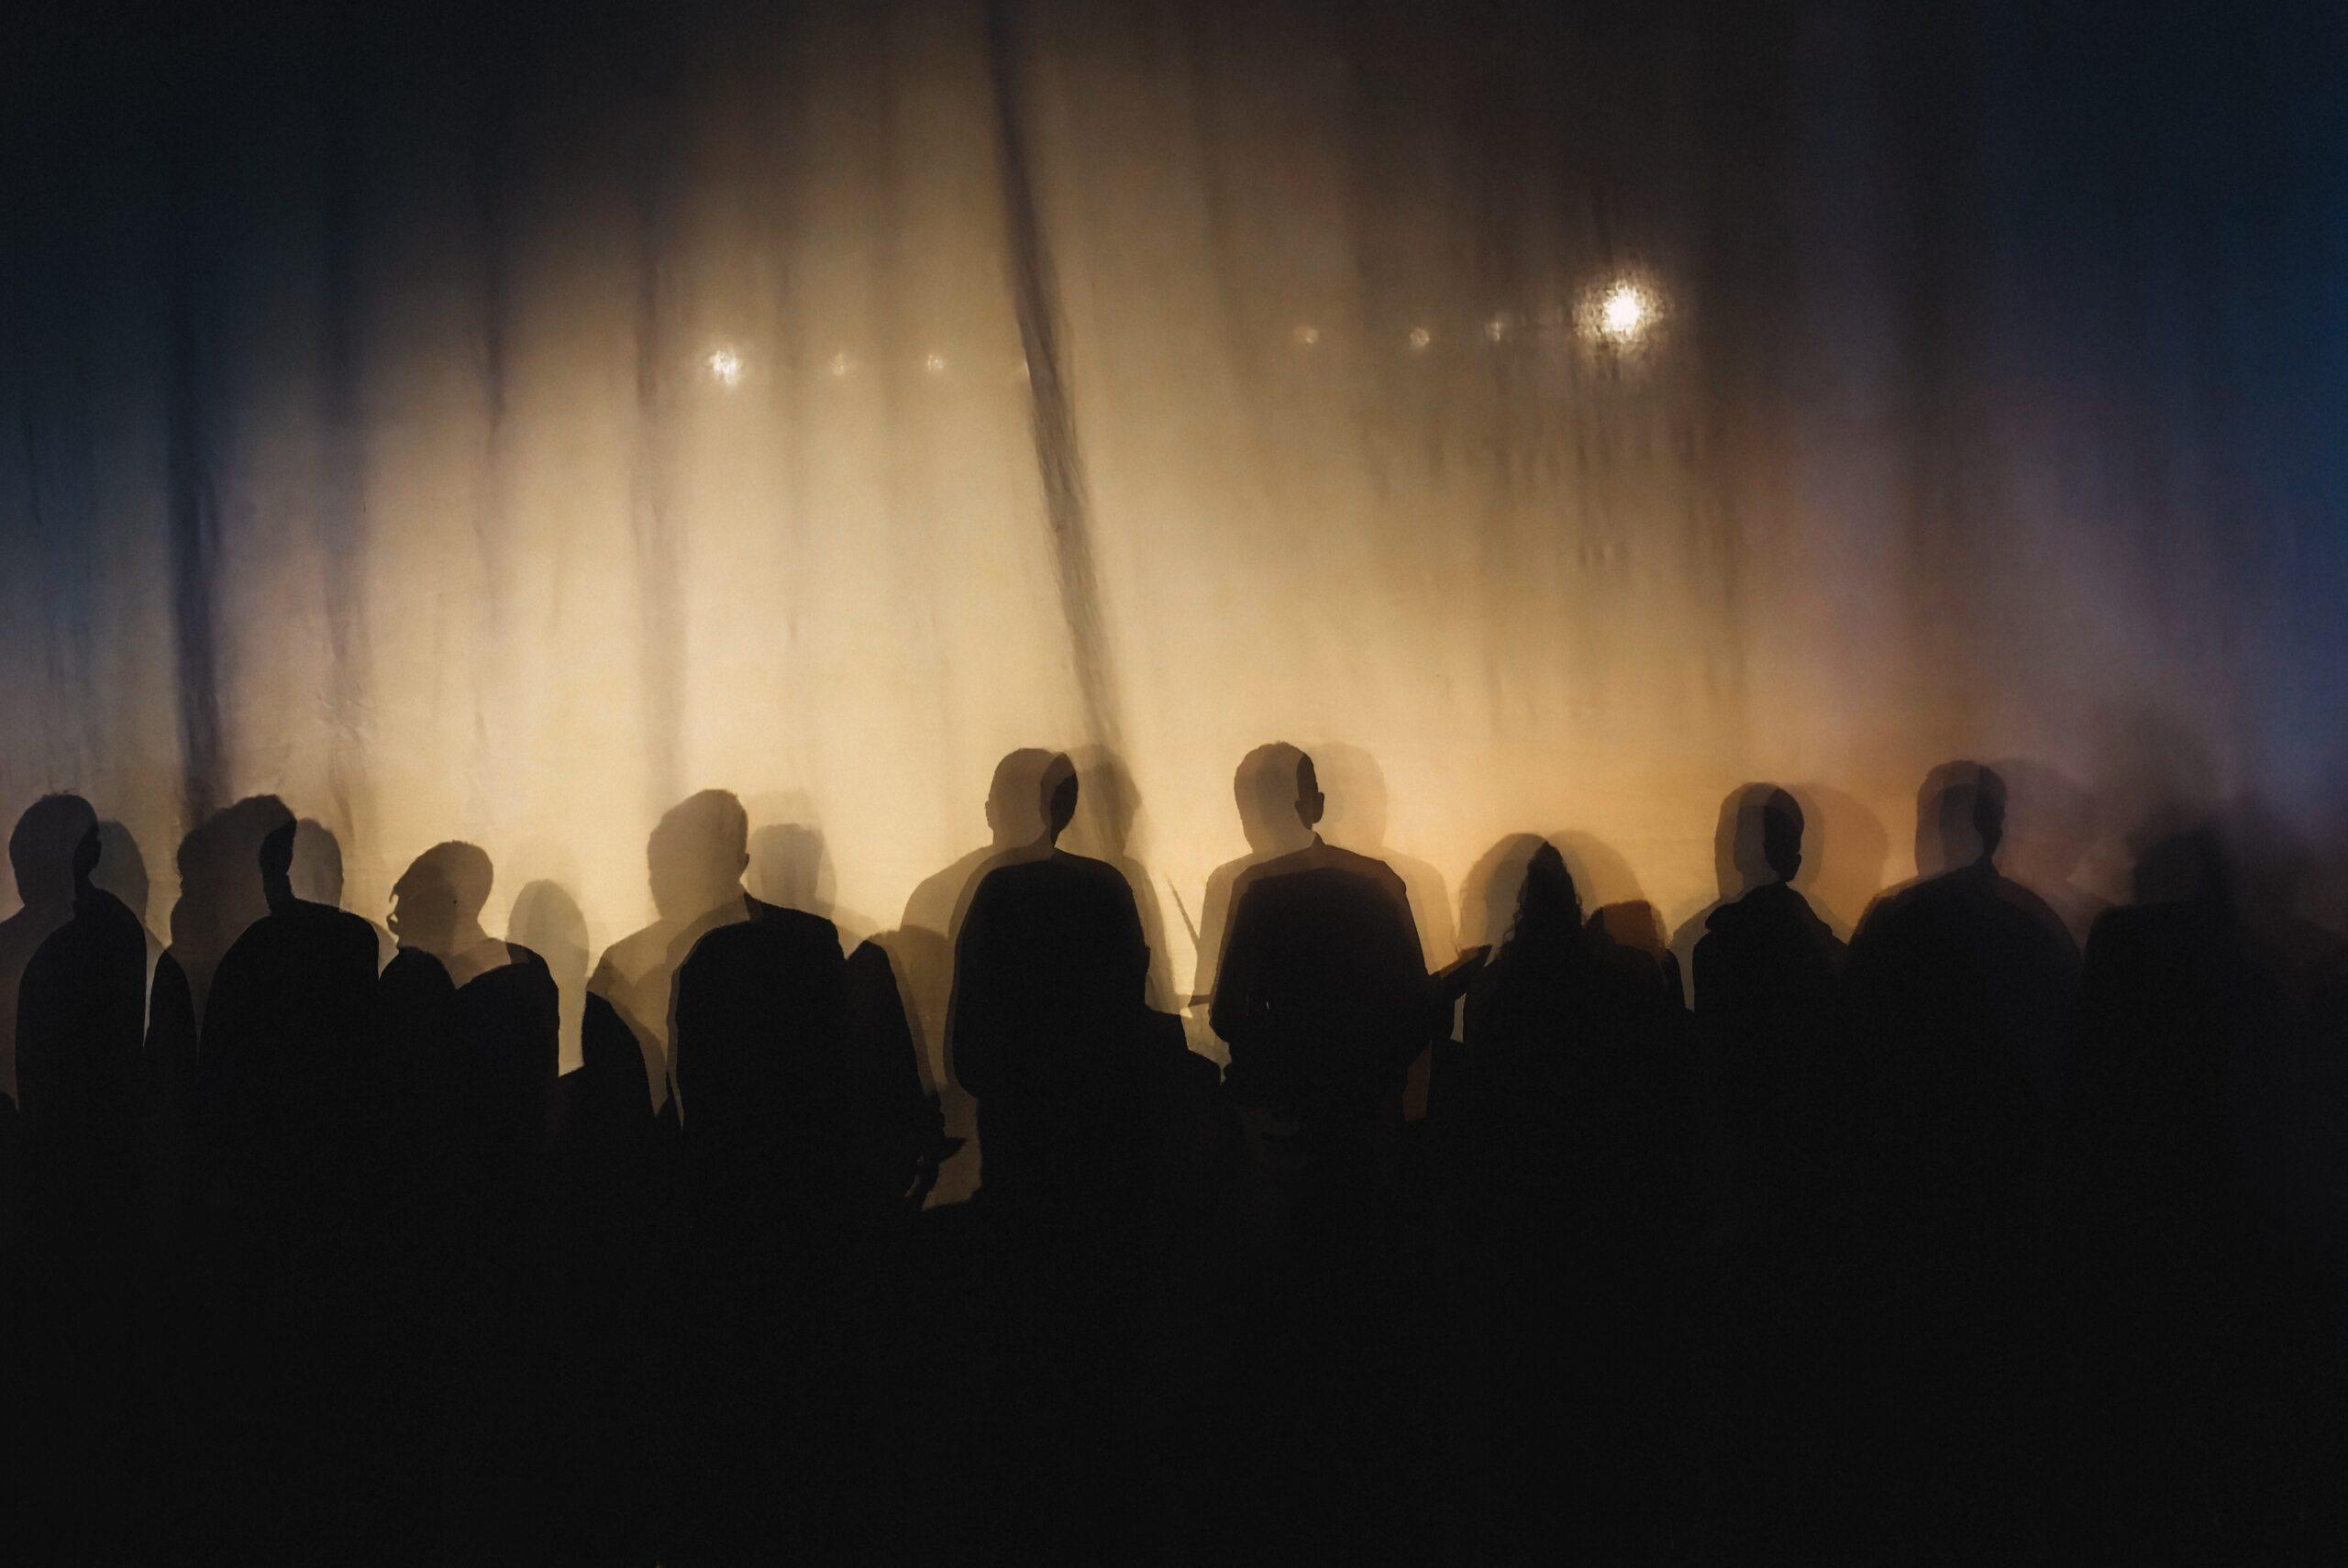 Pavel Aleksejev, Rusija: Zaodrje, 2018, Rusija - Združeni zbori med prepevanjem zaključne pesmi na koncertu v spomin spoštovani ruski dirigentki Irini Roganovi.